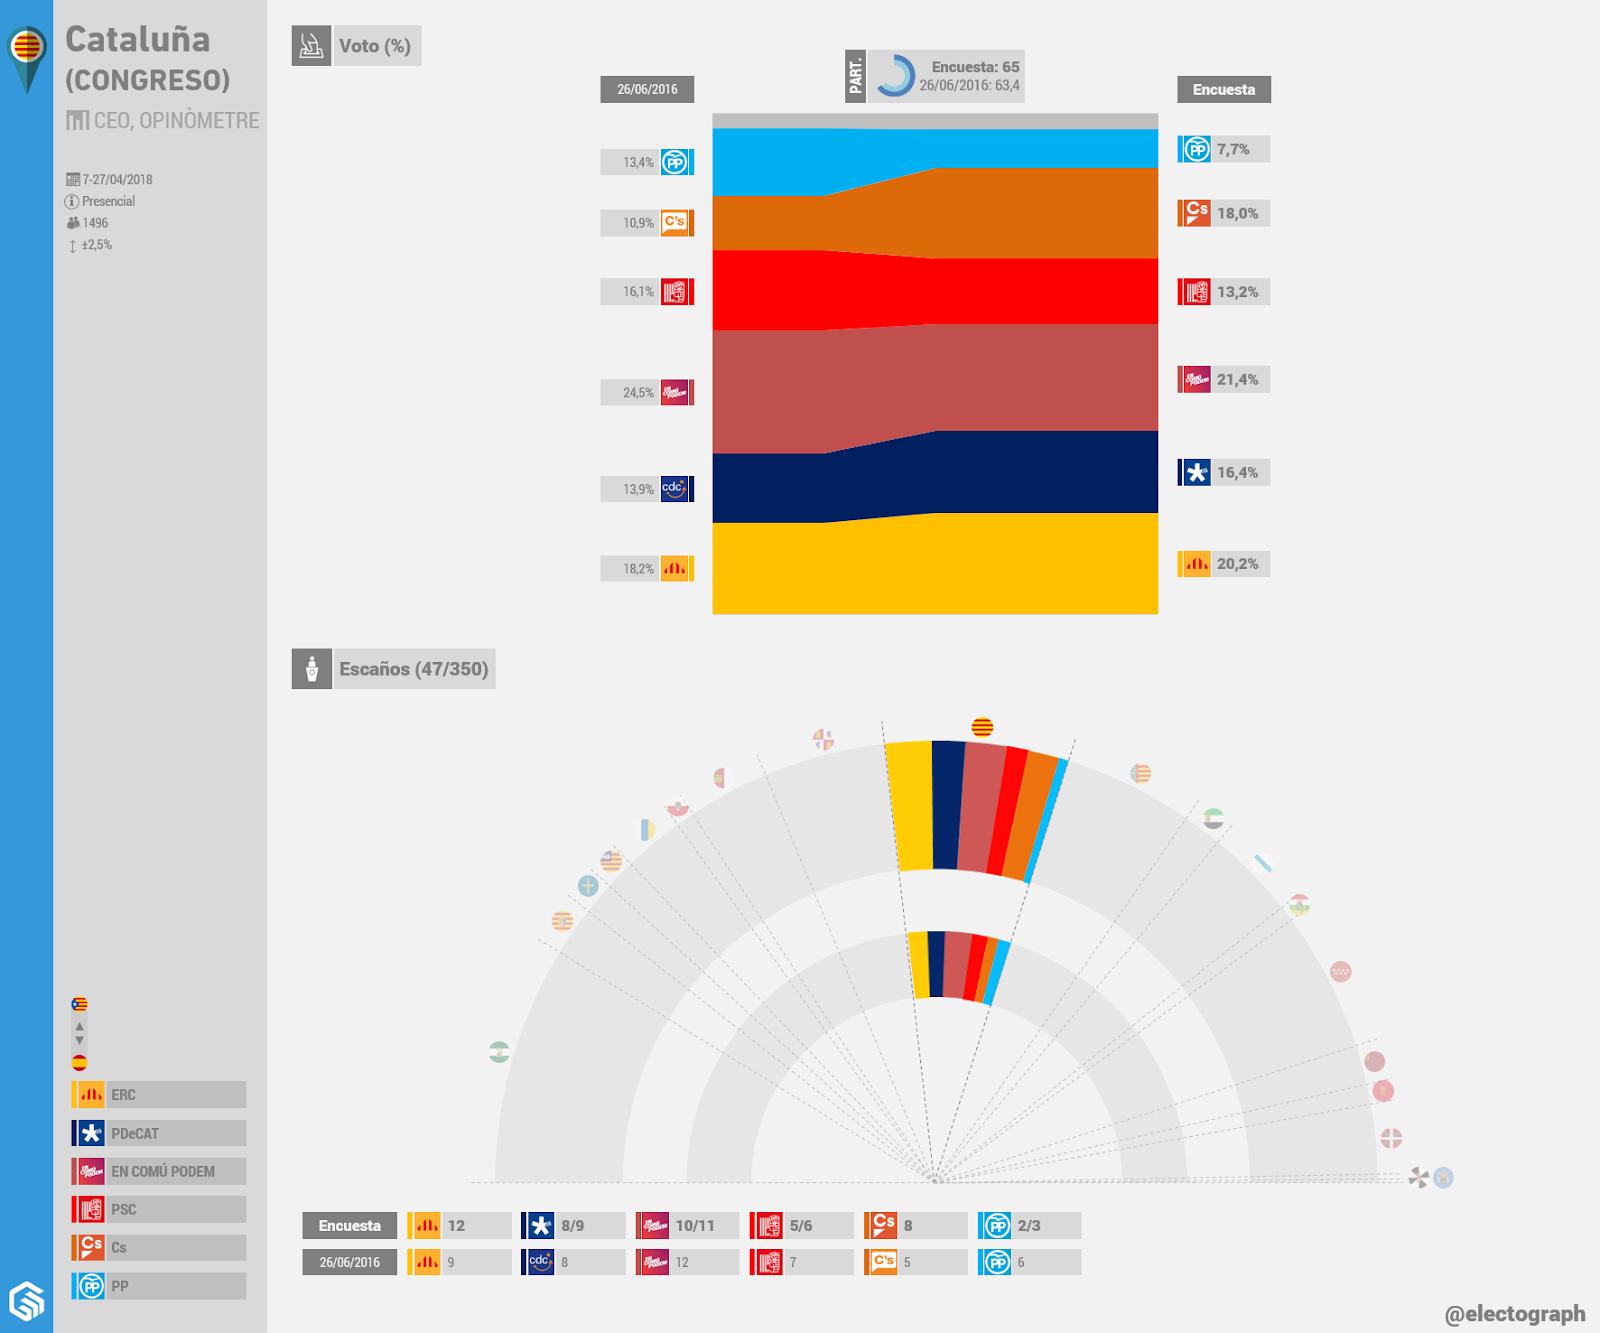 Gráfico de la encuesta para elecciones generales en Cataluña realizada por el CEO y Opinòmetre en abril de 2018